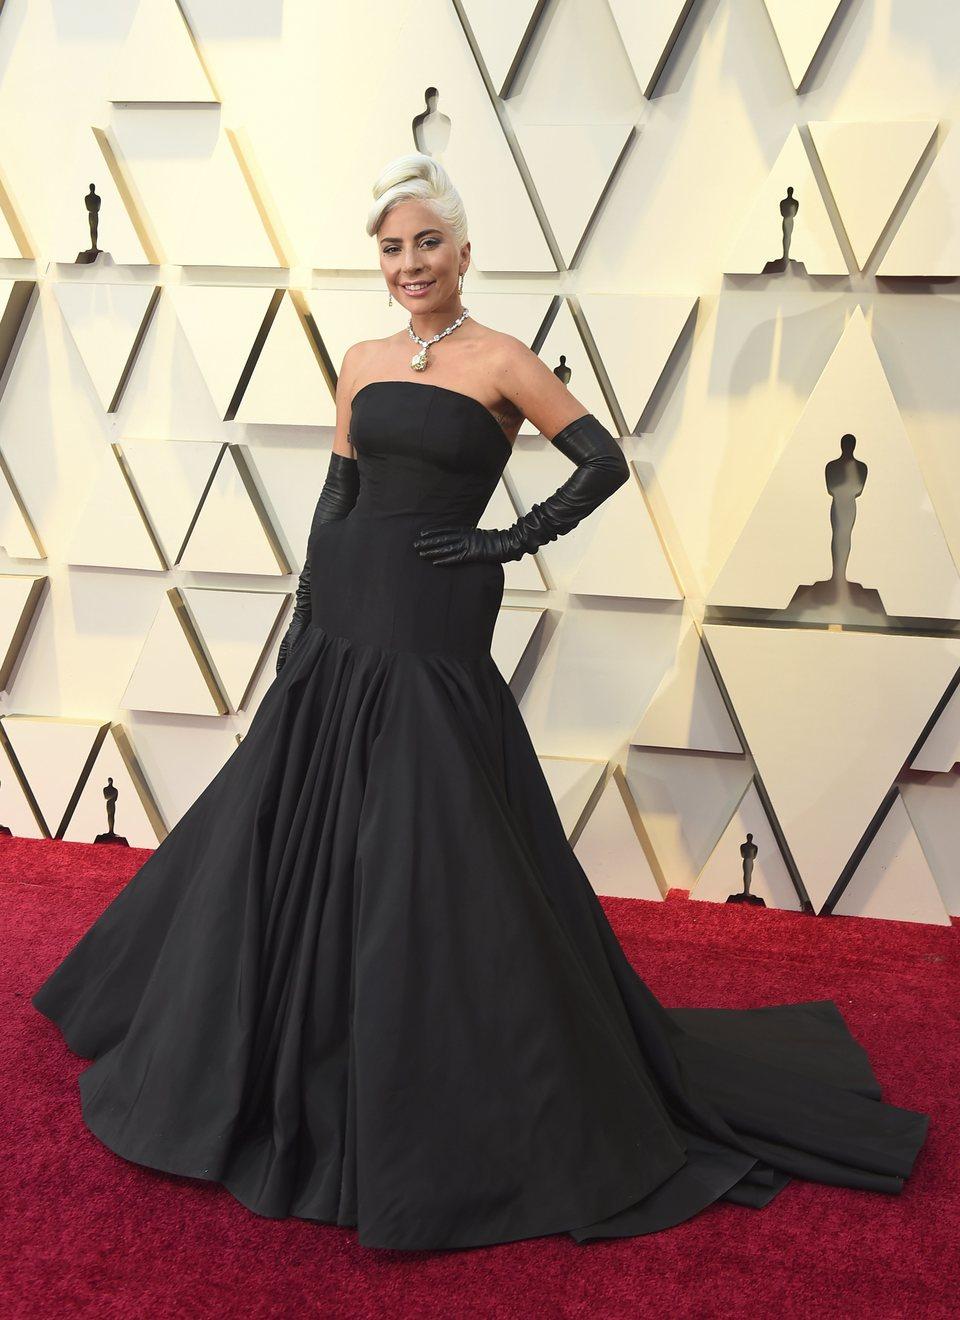 106055 lady gaga oscar 2019 red alfombra roja - Nuestros favoritos y no tan favoritos de la red carpet en los Oscar 2019